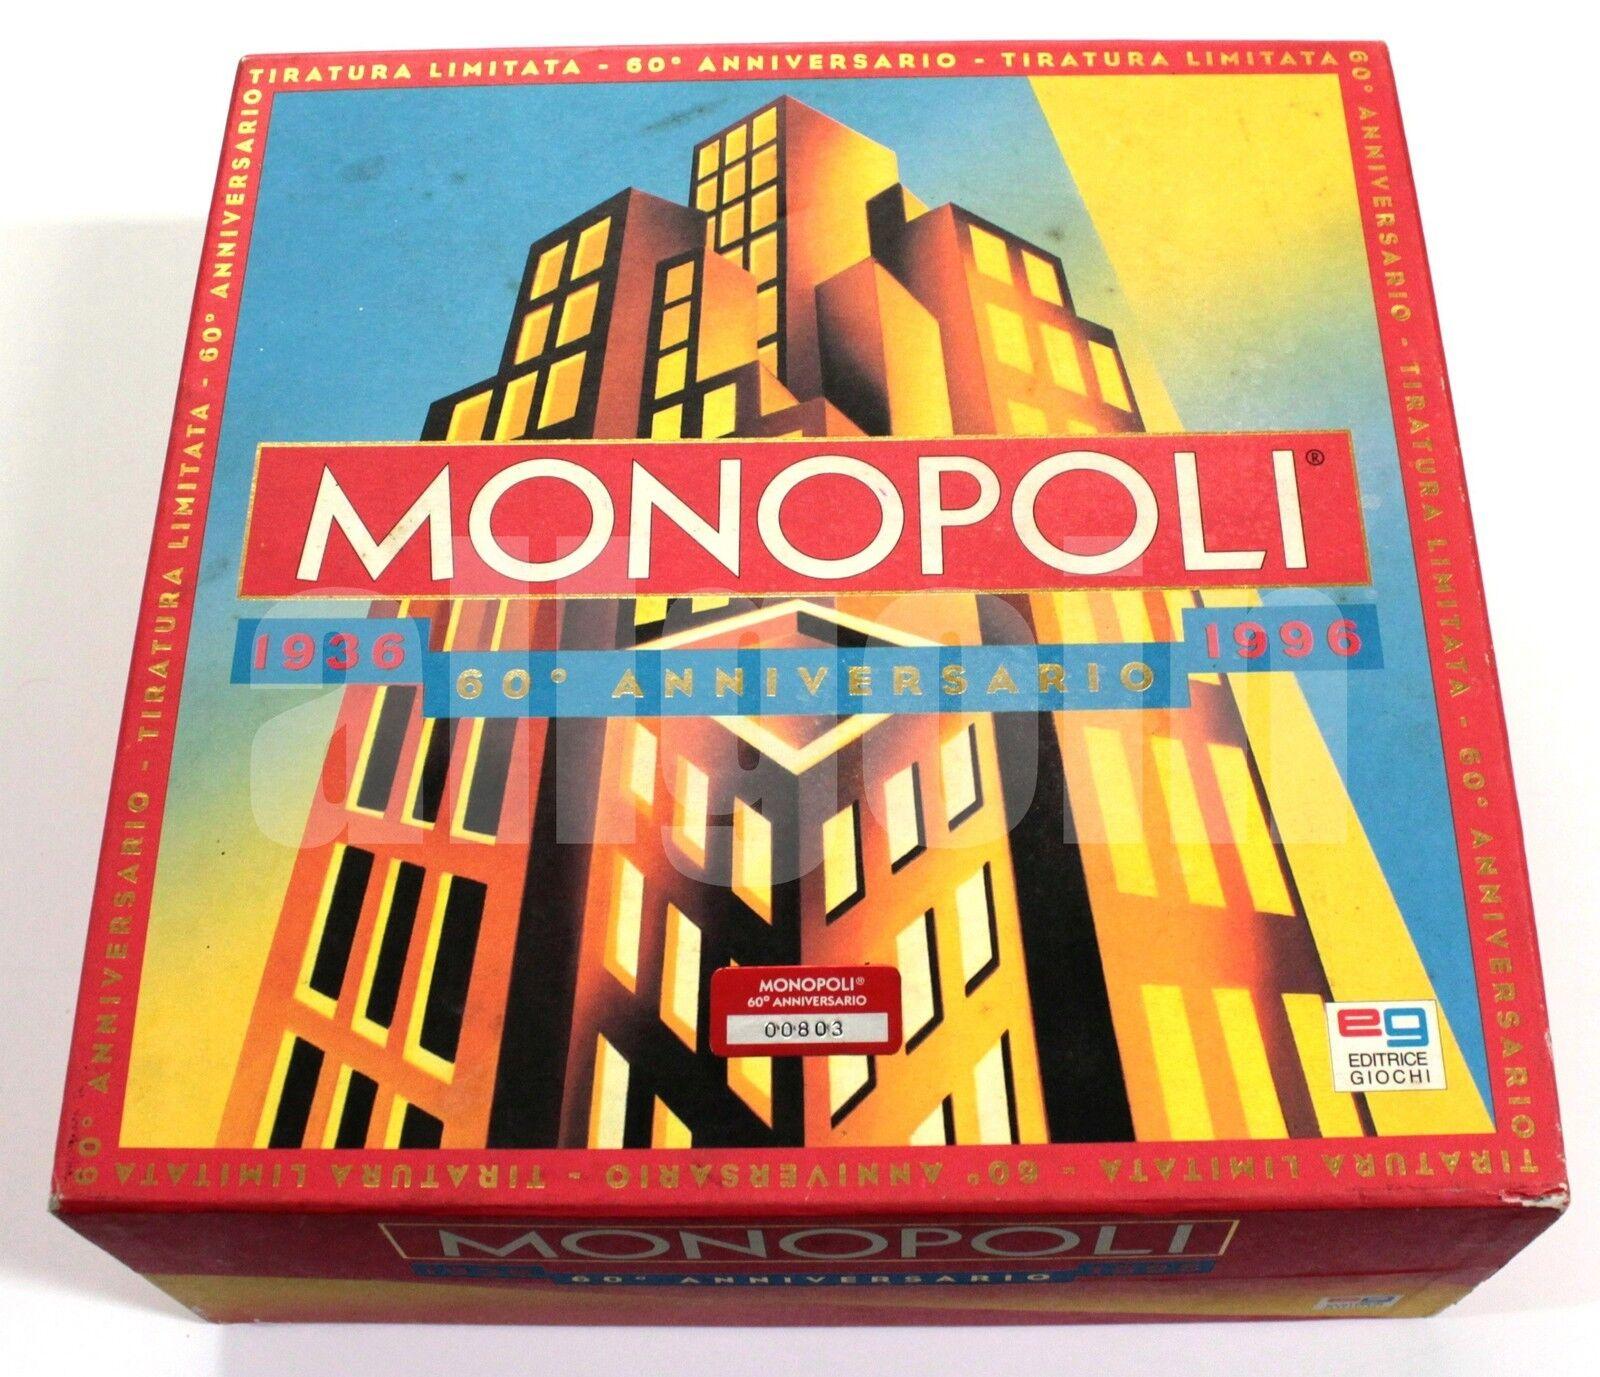 MONOPOLI MONOPOLY Ed. Limitata 60° Anniversario 1936-1996 SCATOLA COMPLETA RARA